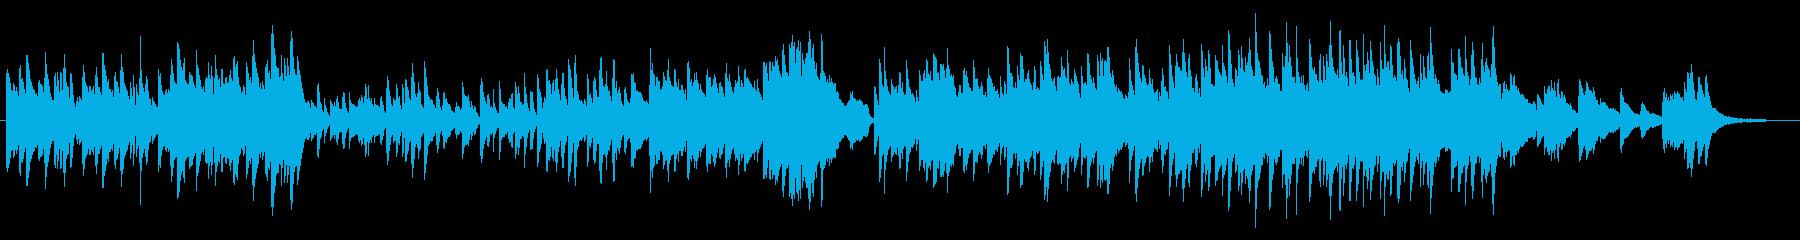 エモーショナルで幻想的なピアノソロの再生済みの波形